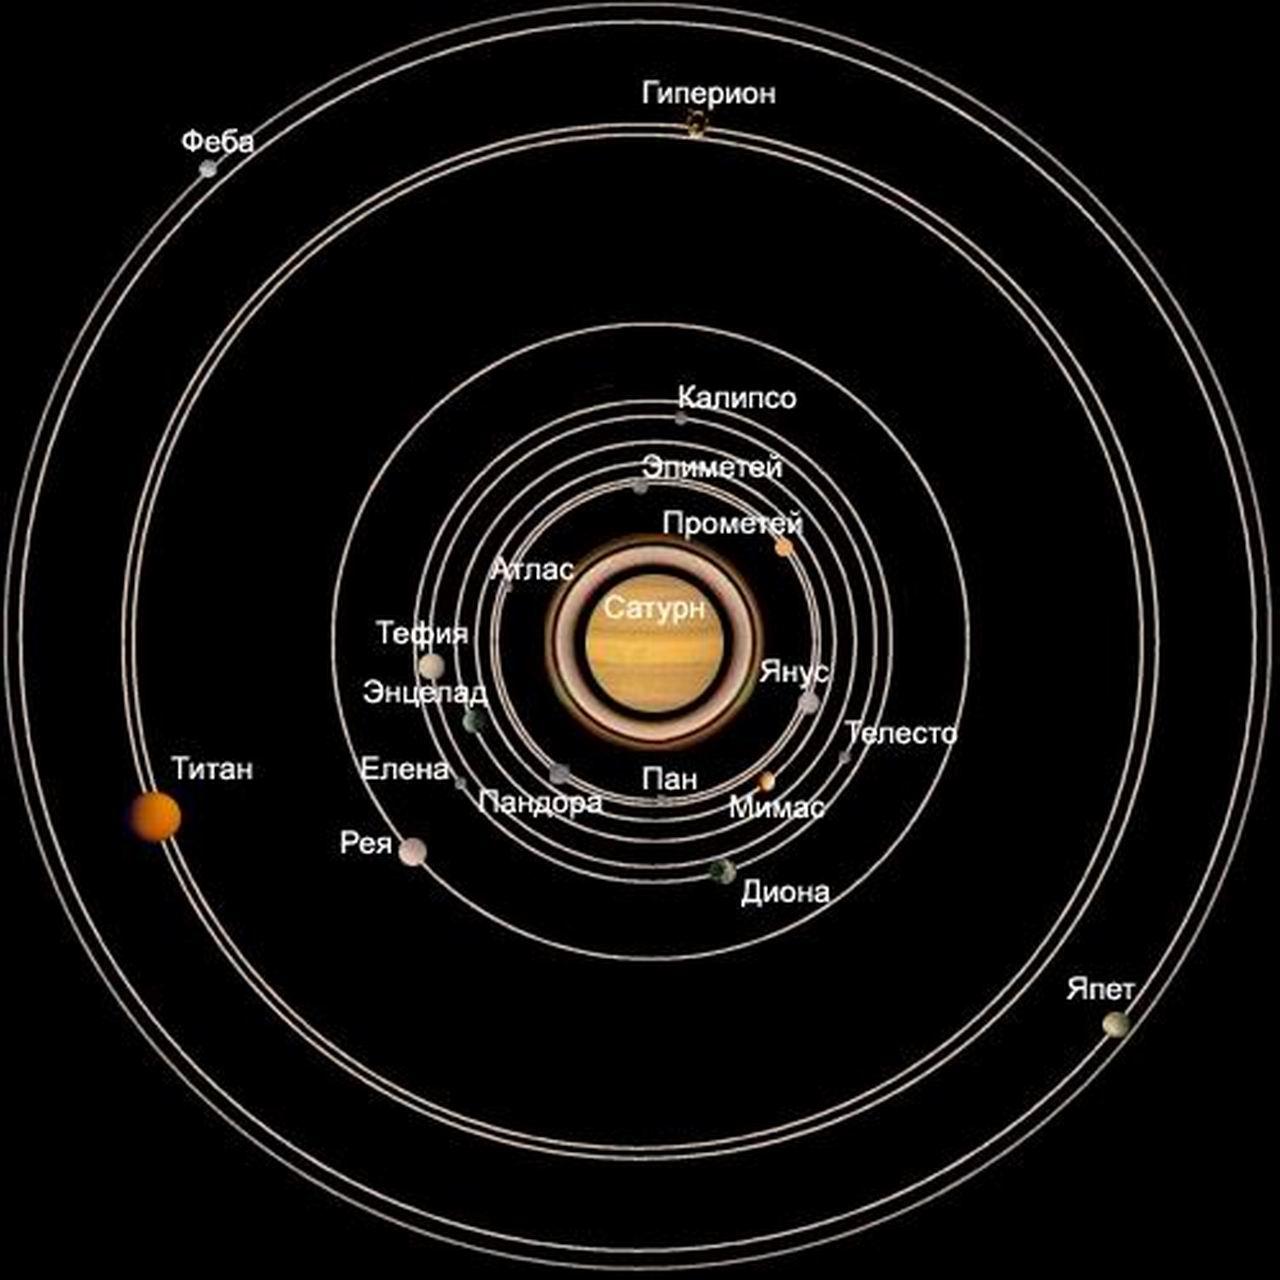 Схема планет и спутников